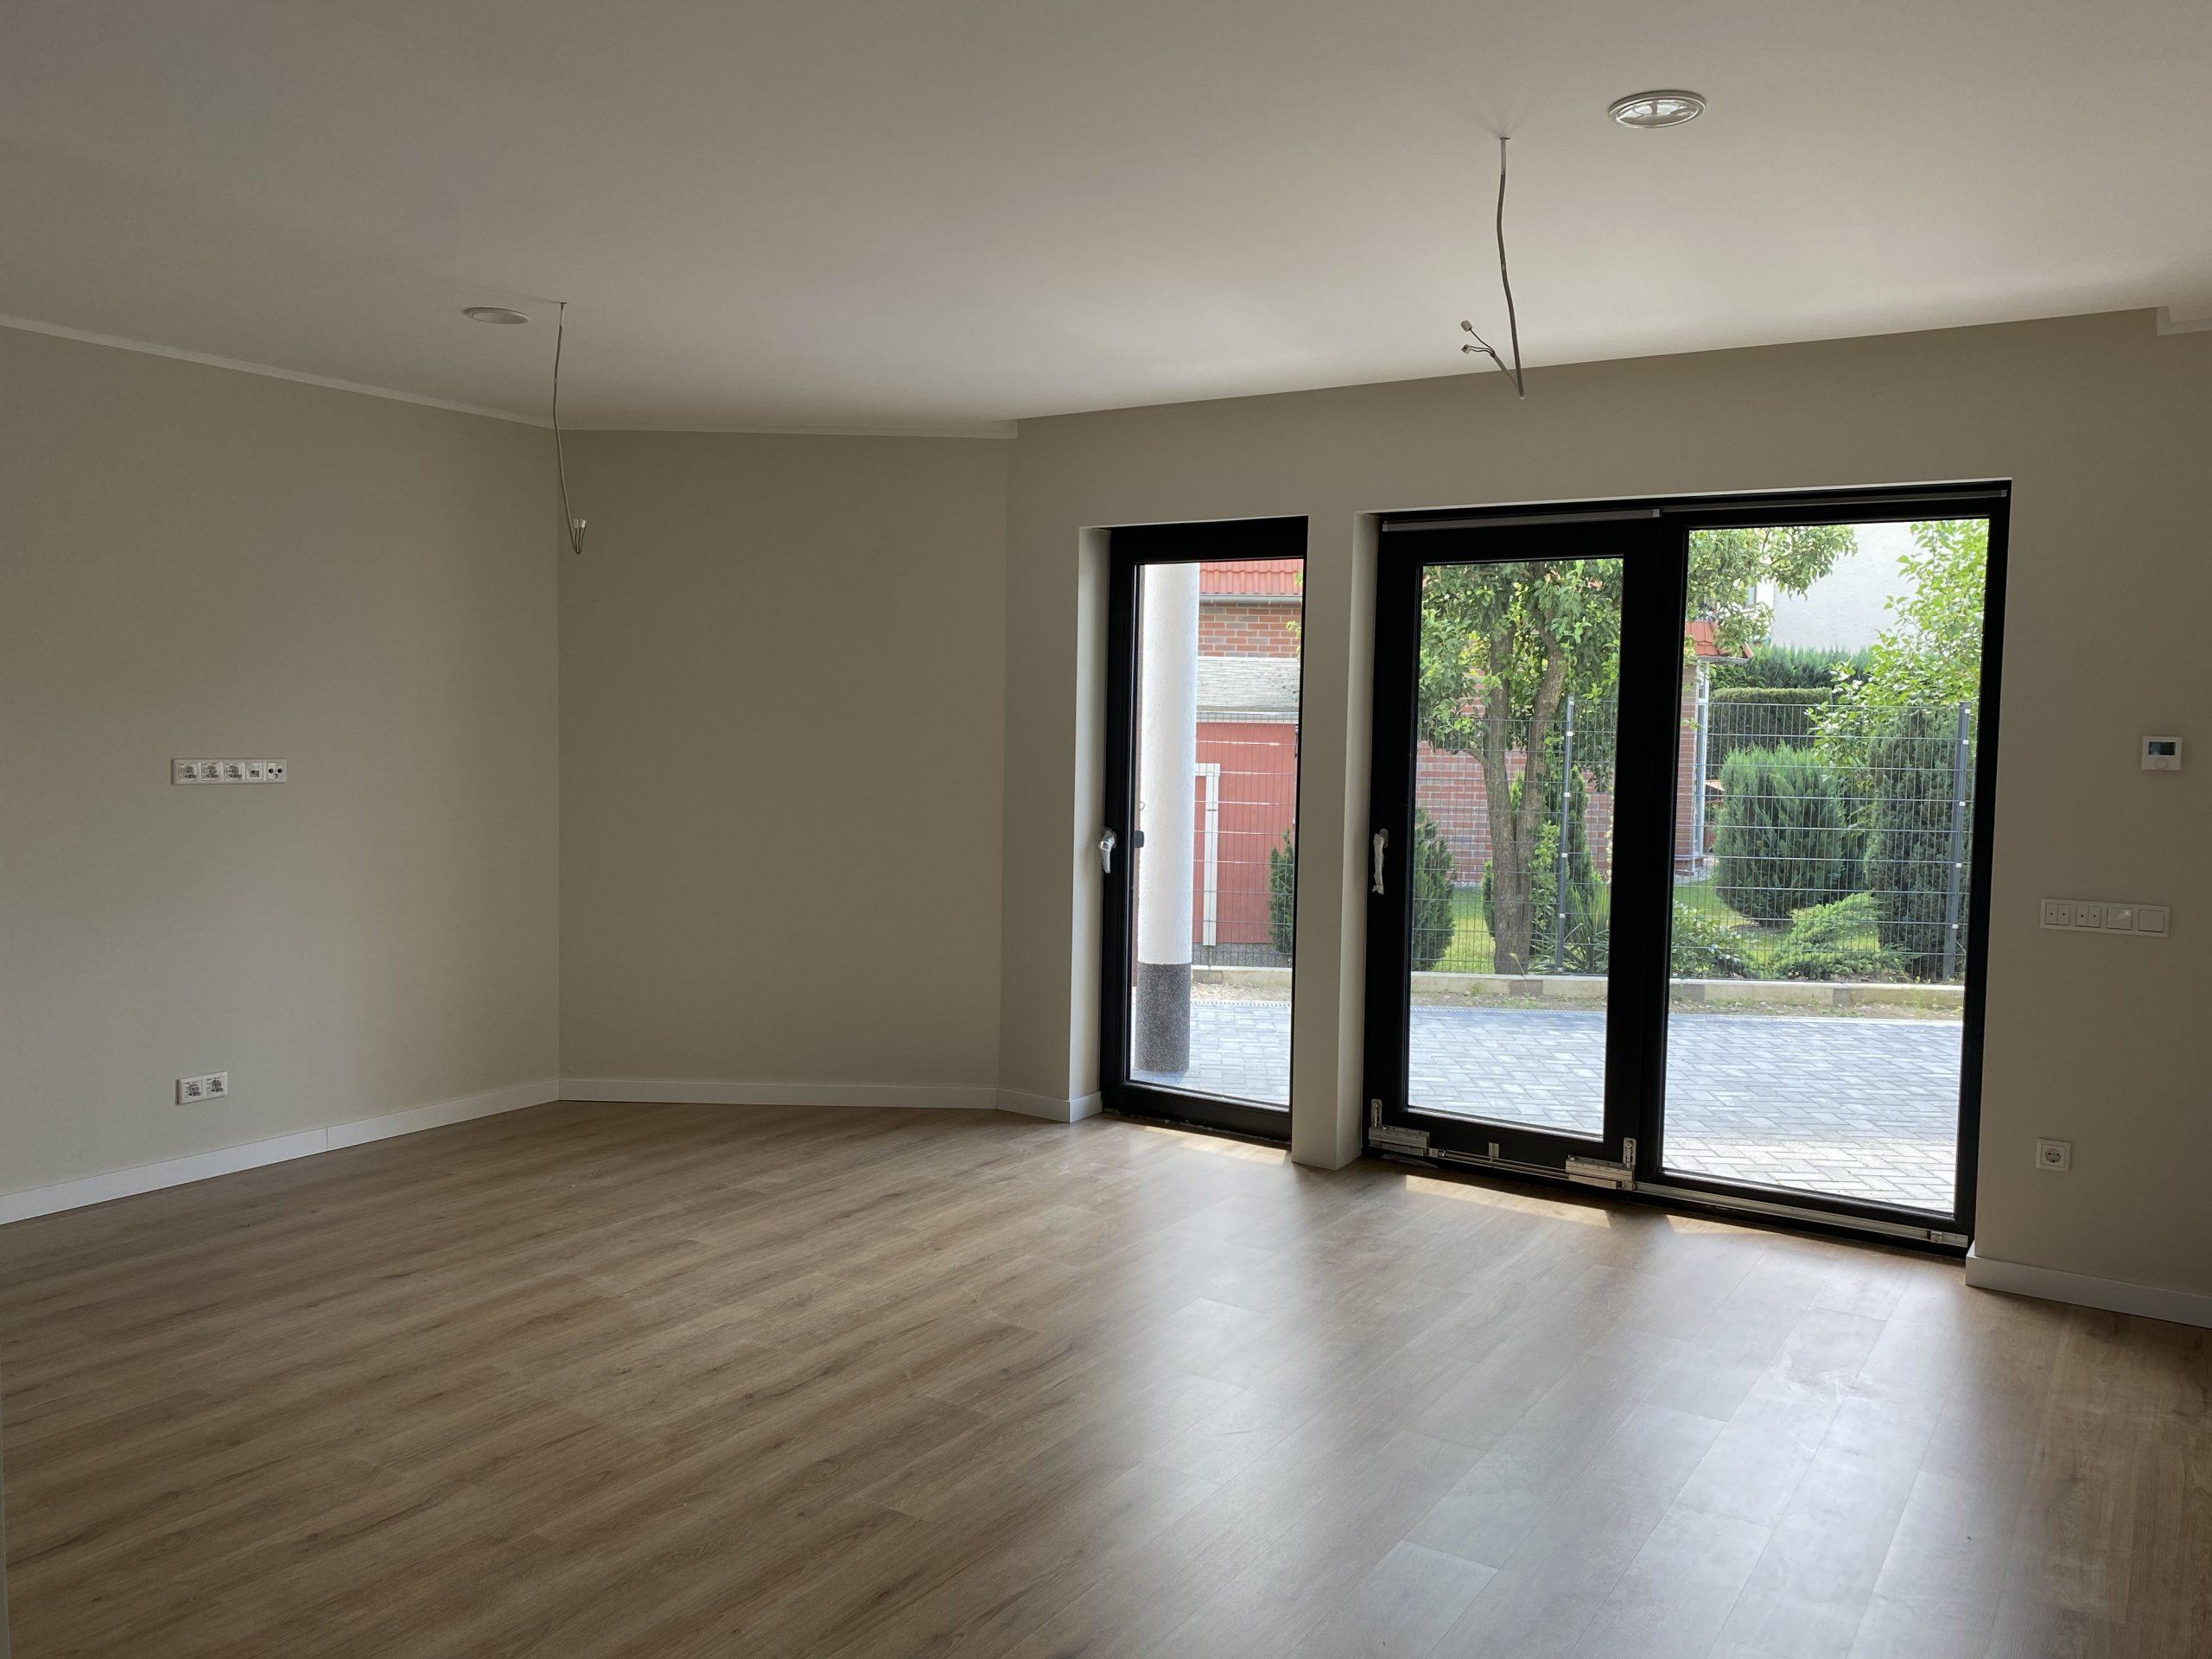 NEUBAU – Großzügiges und modernes  Einfamilienhaus inkl. Grundstück ca. 35 min. von der Innenstadt Berlin